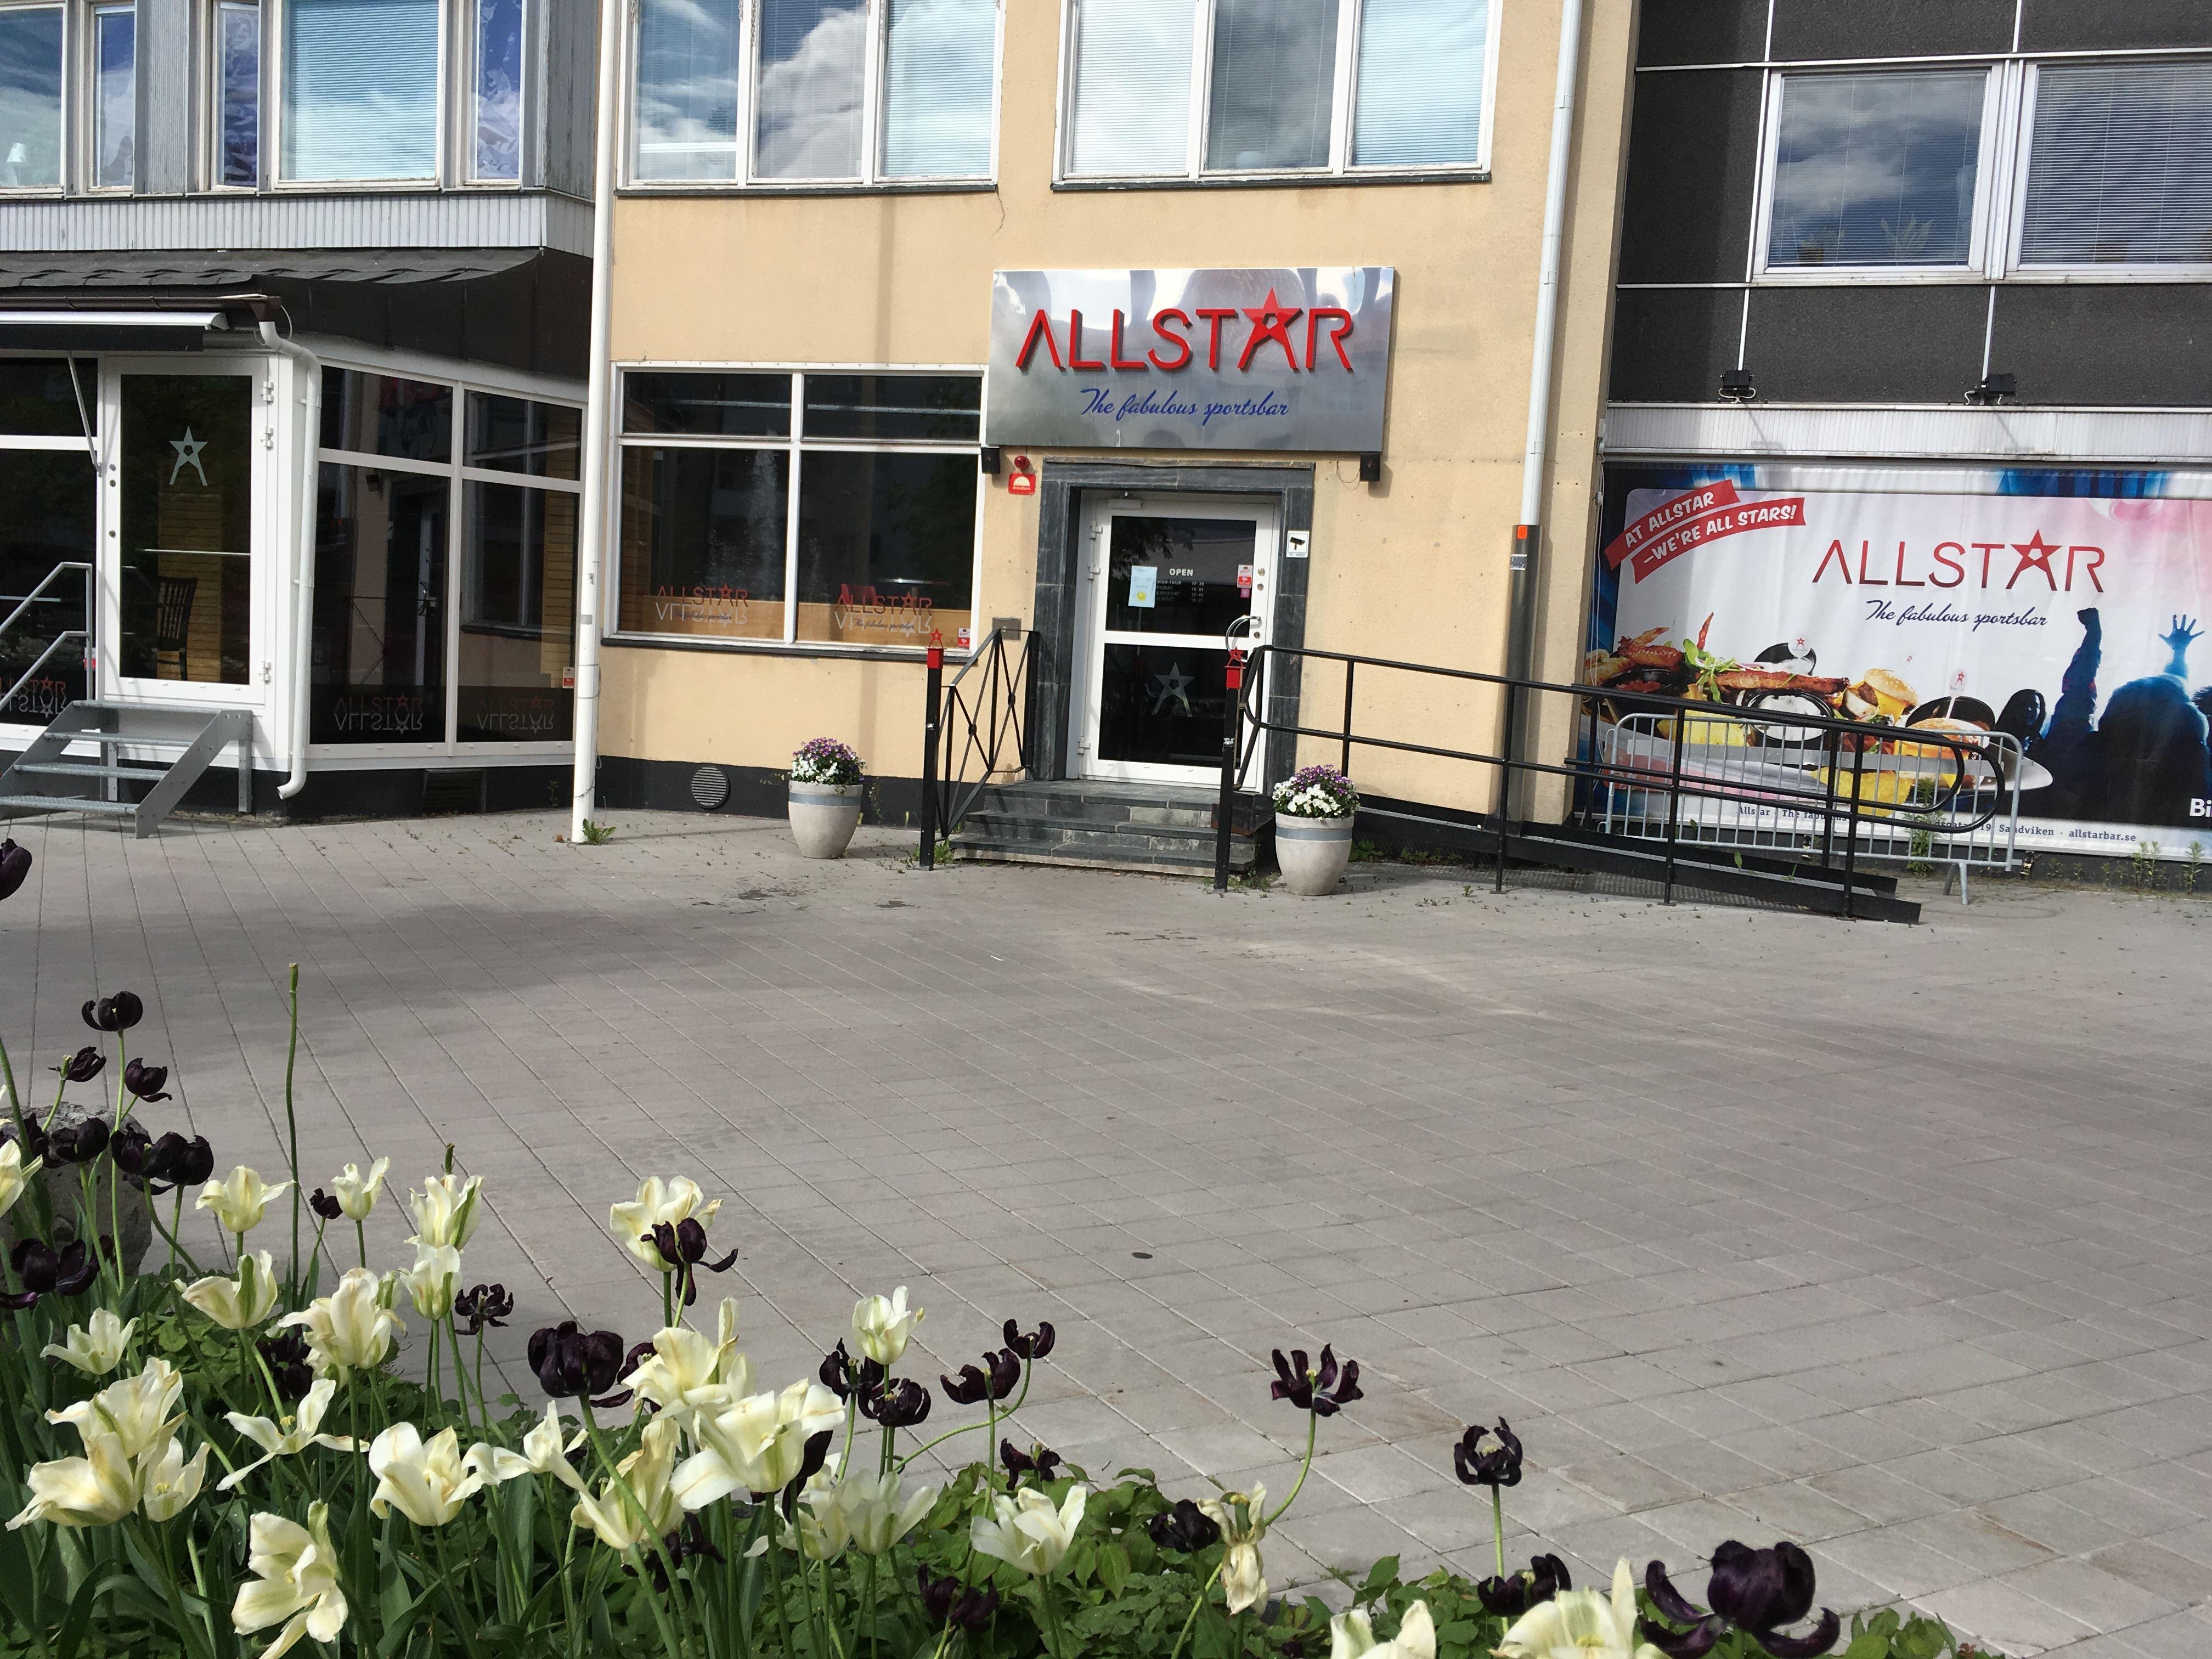 Allstar Restaurang & Nattklubb